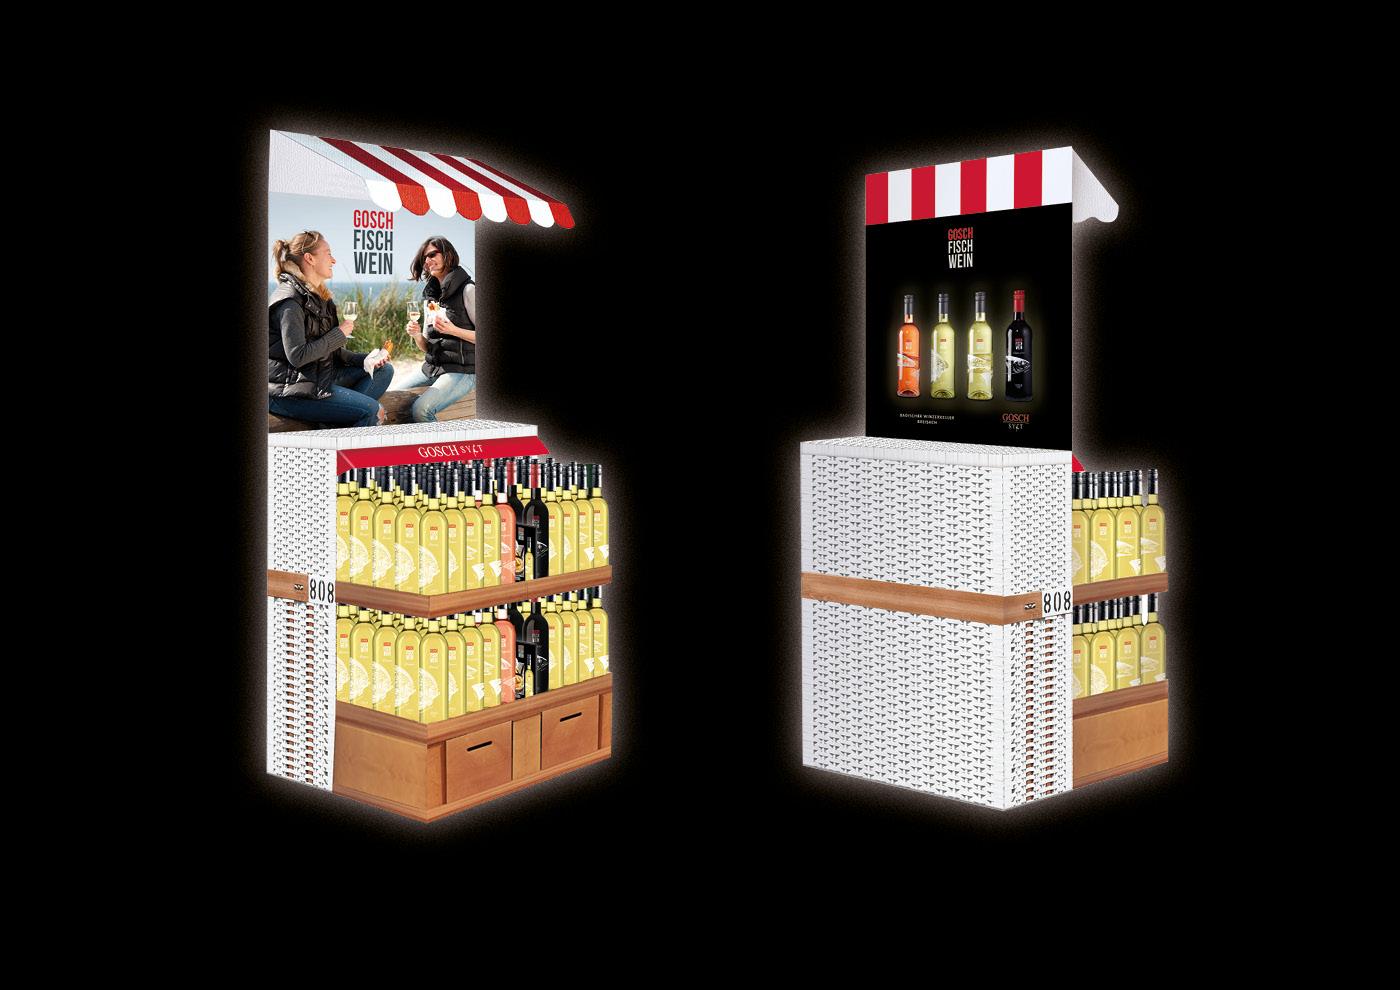 Markenentwicklung GOSCH-FISCH-WEINE: Verkaufs-Display